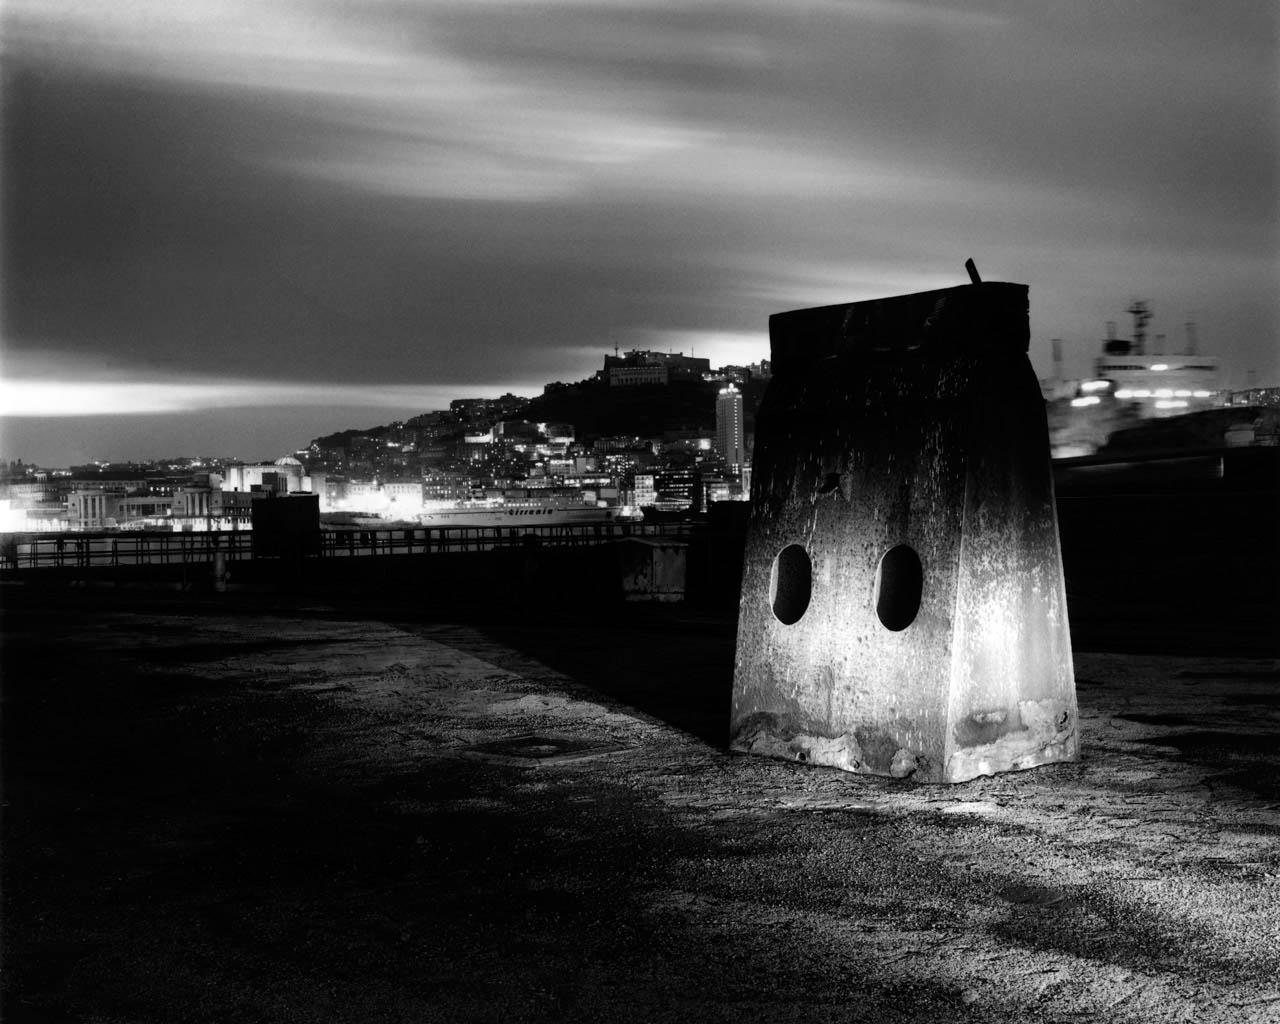 Cantieri, porto di Napoli, 2001 Stampa digitale su carta Hahnemuhle, cm 100x120 / cm 120x140 (ed. 6 + 1AP)